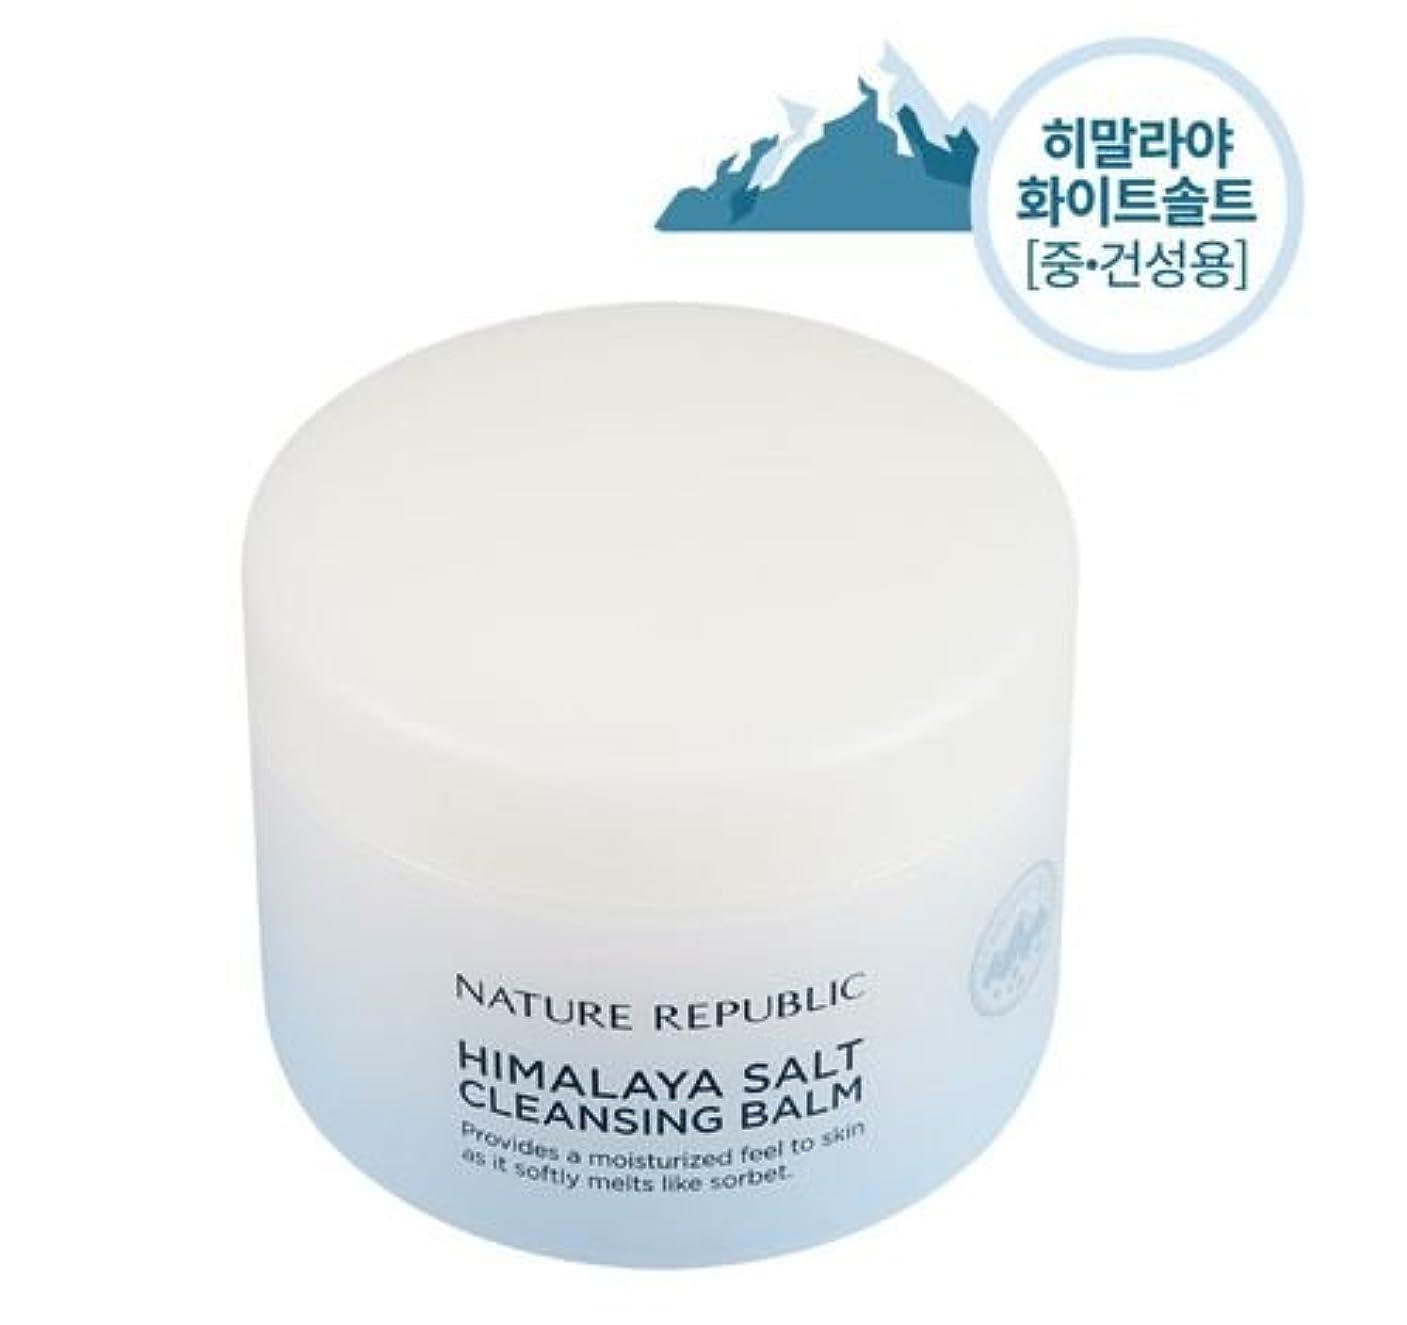 北西ミシン相対性理論NATURE REPUBLIC Himalaya salt cleansing balm (white salt)ヒマラヤソルトクレンジングバーム(white salt) [並行輸入品]